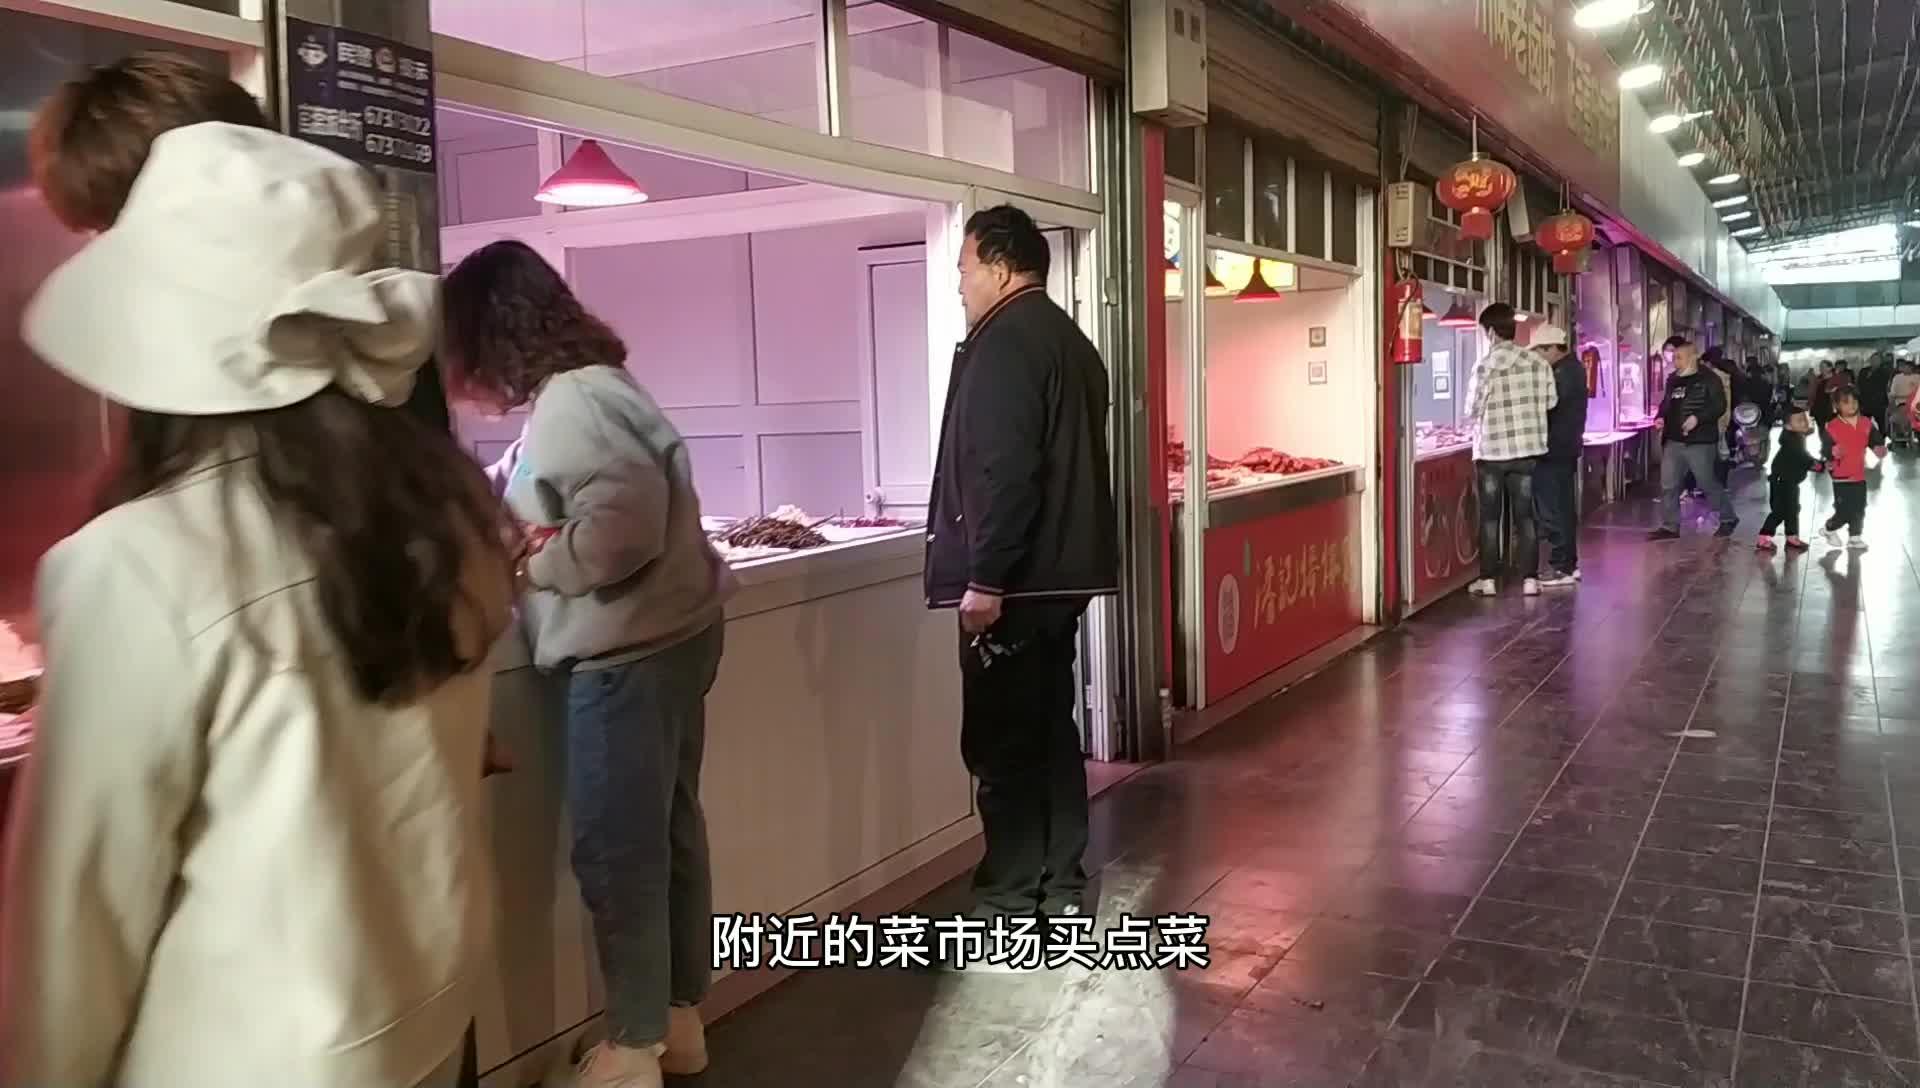 昆明打工仔今天不加班,步行两公里到菜市场买菜,生活容易!